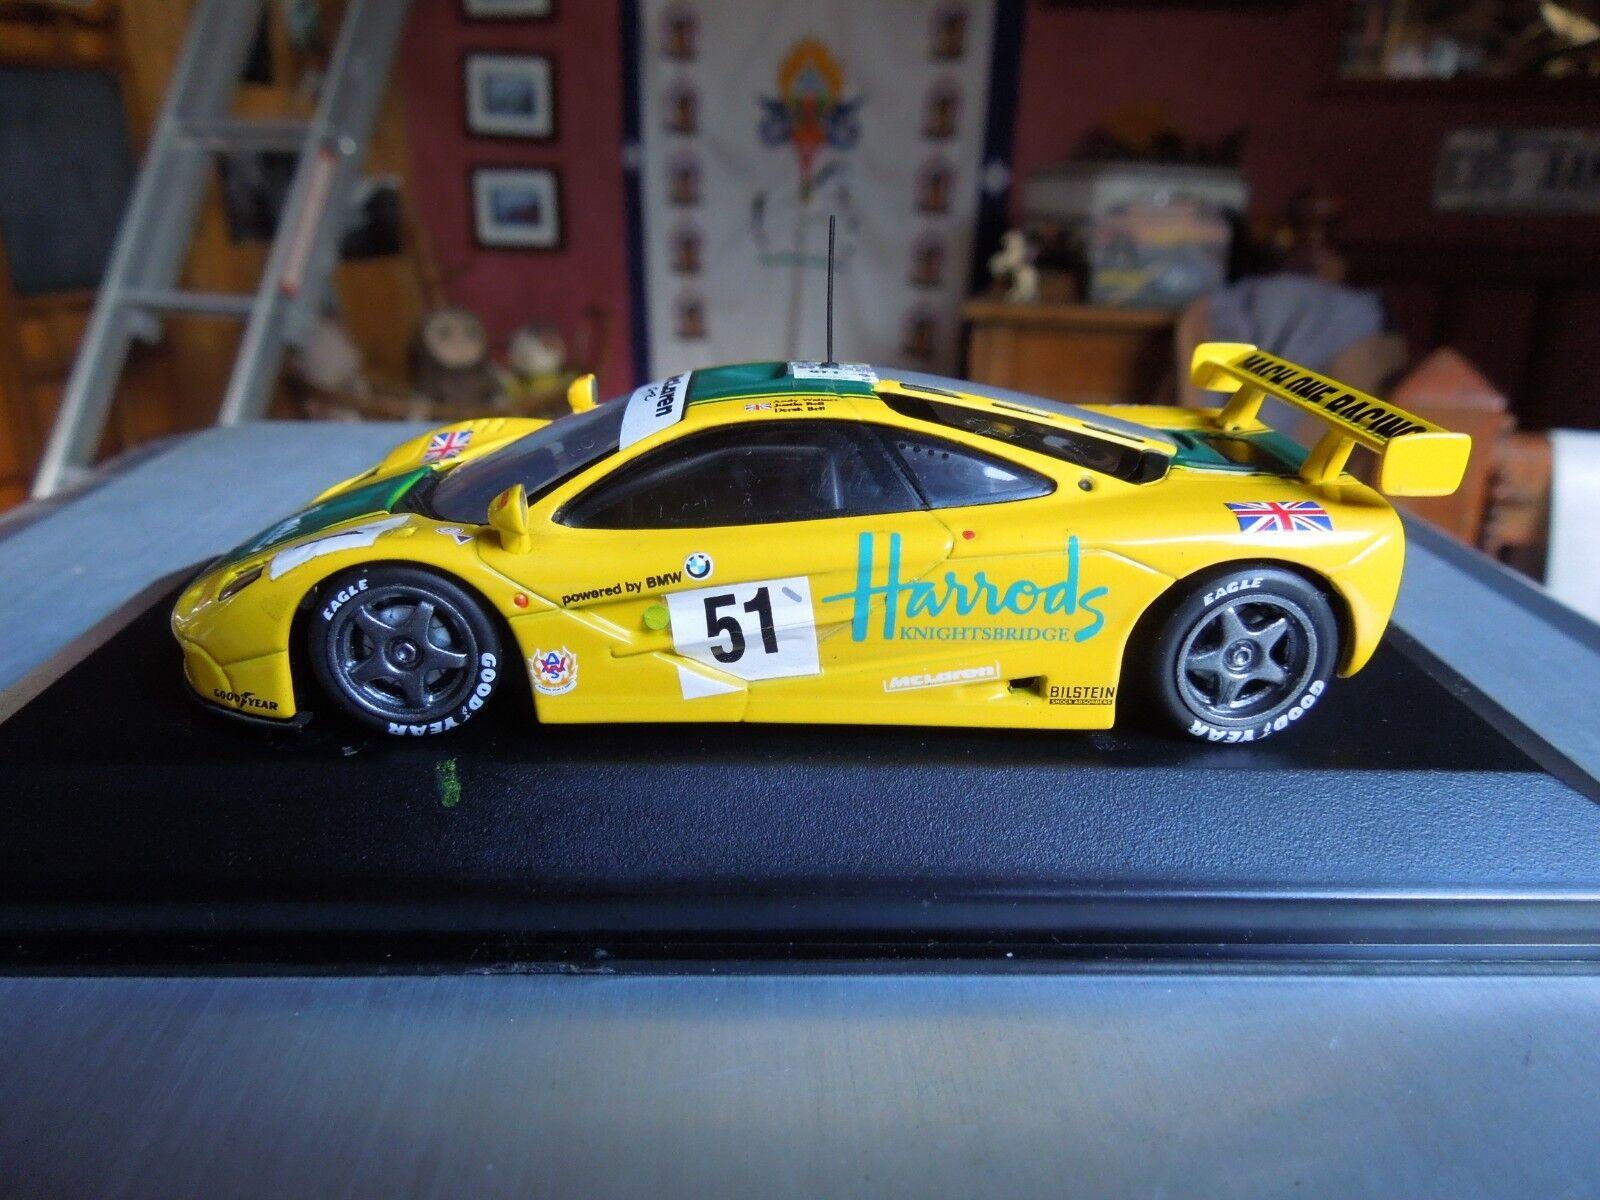 MINICHAMPS McLAREN  F1 GTR   51 WALLACE  BELL BELL 24H DU MANS LM 1995